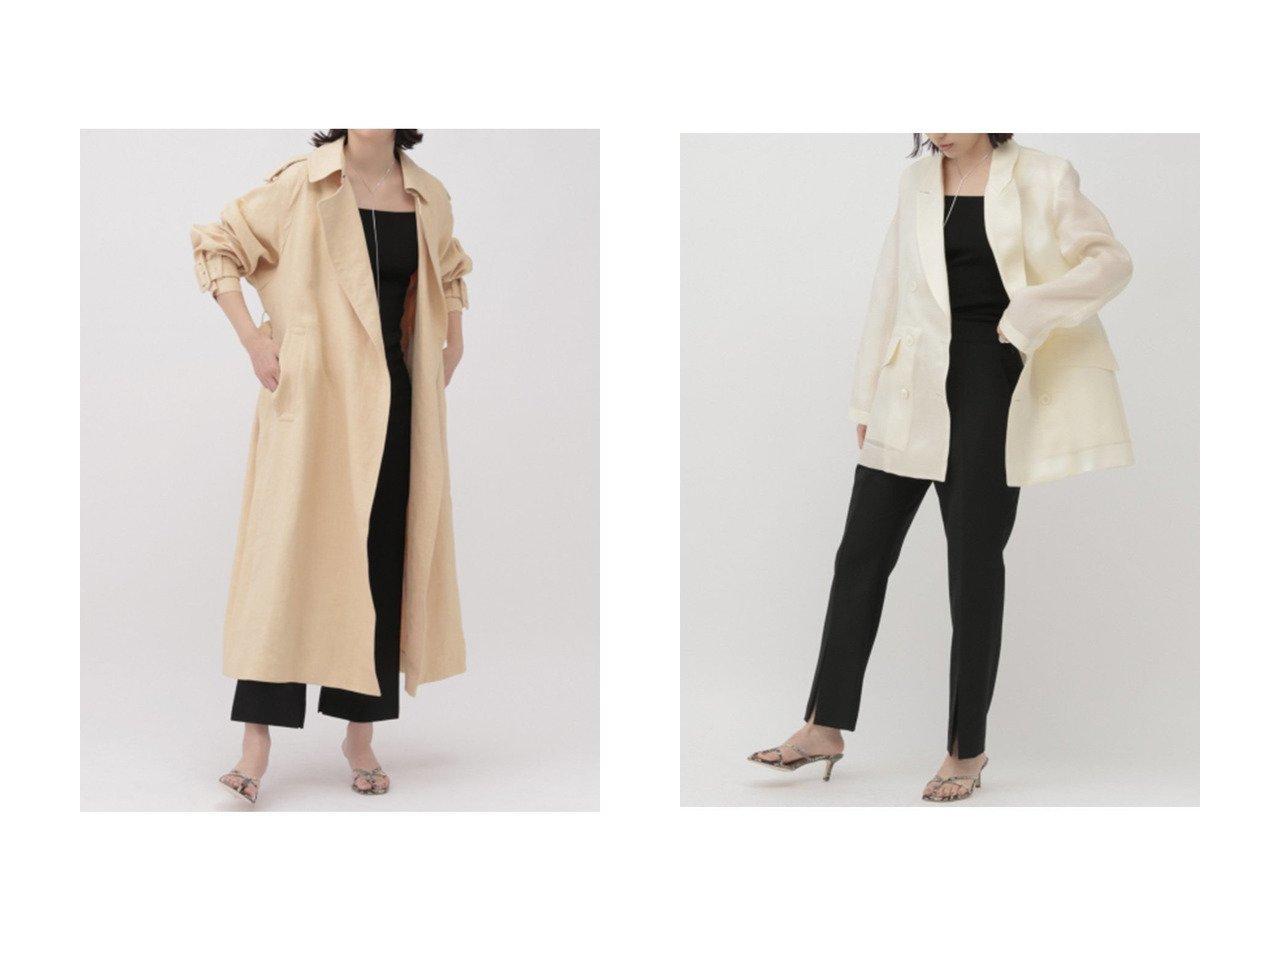 【Chaos/カオス】のダブルオーガンジャケット&インセタオーバーコート アウターのおすすめ!人気、トレンド・レディースファッションの通販 おすすめで人気の流行・トレンド、ファッションの通販商品 メンズファッション・キッズファッション・インテリア・家具・レディースファッション・服の通販 founy(ファニー) https://founy.com/ ファッション Fashion レディースファッション WOMEN アウター Coat Outerwear コート Coats ジャケット Jackets 2021年 2021 2021 春夏 S/S SS Spring/Summer 2021 S/S 春夏 SS Spring/Summer イタリア リネン ロング 春 Spring |ID:crp329100000015378